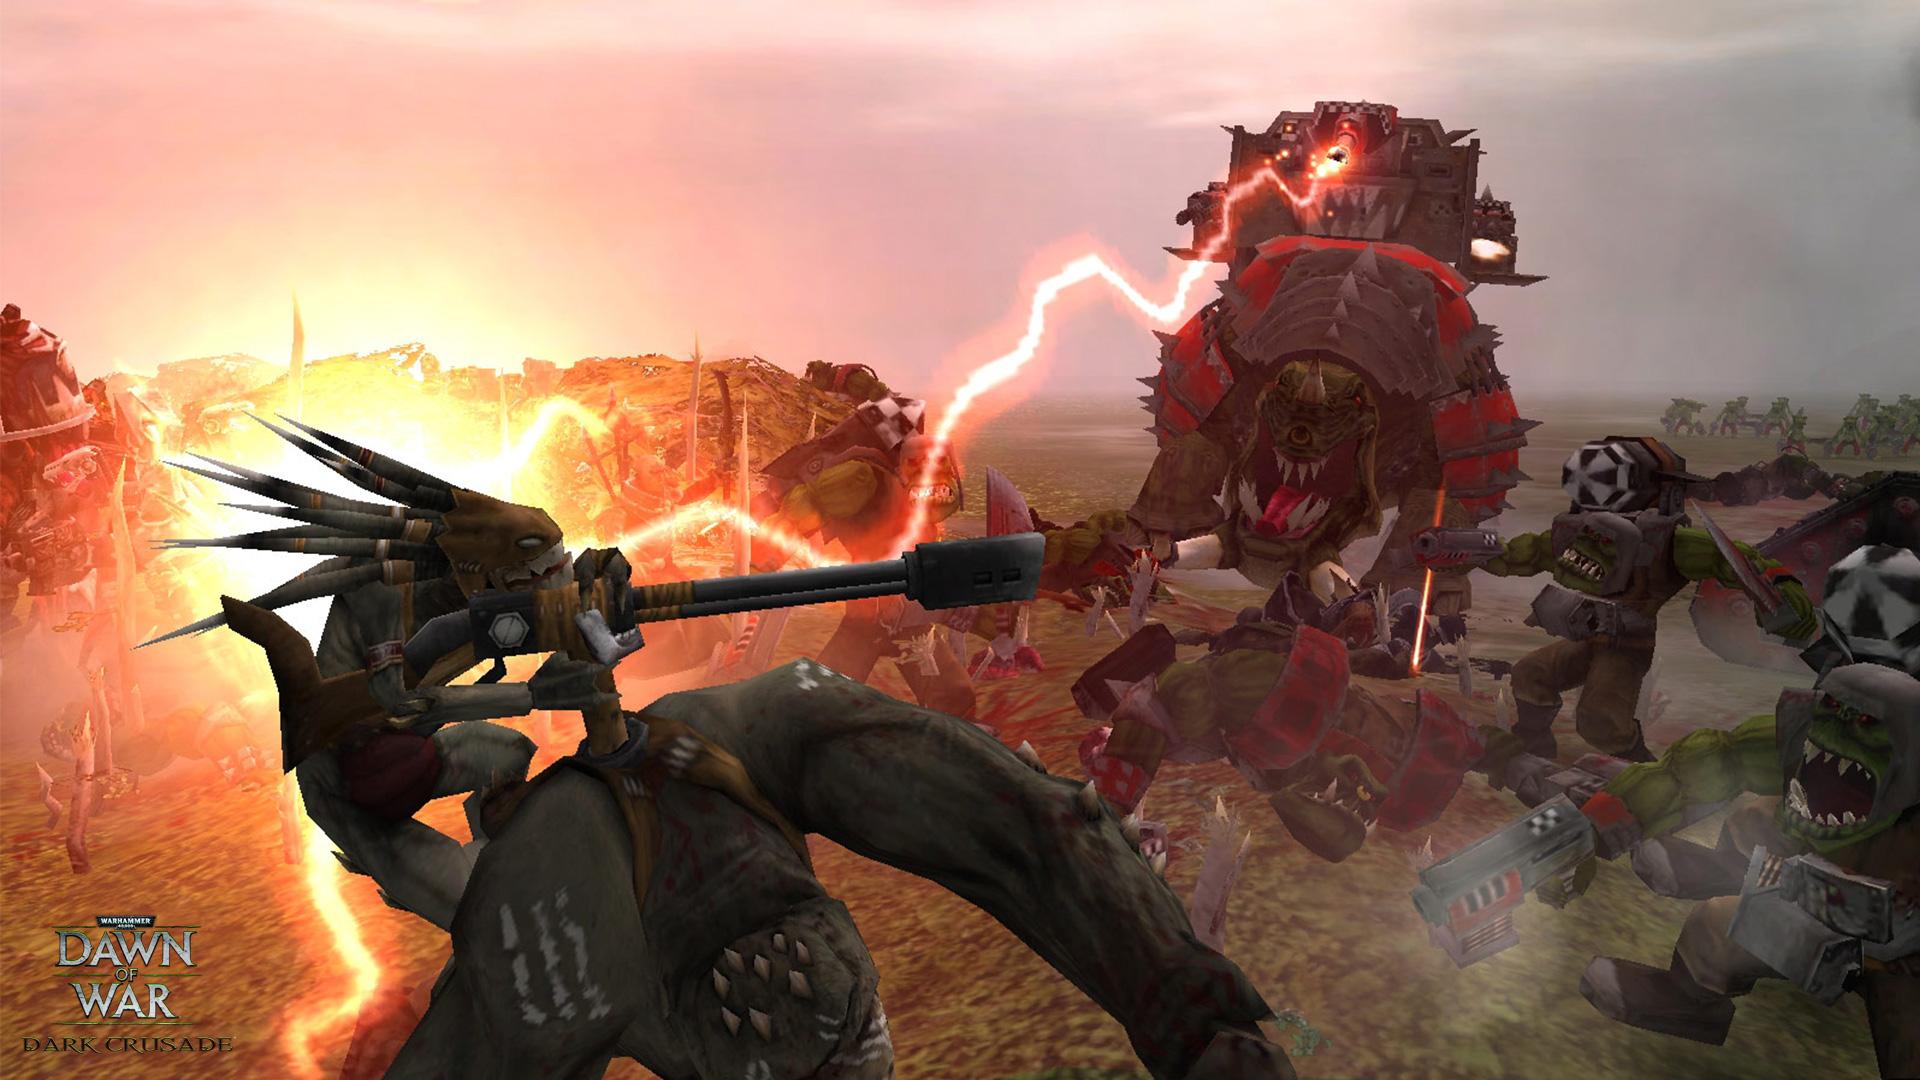 dawn of war dark crusade mac free download